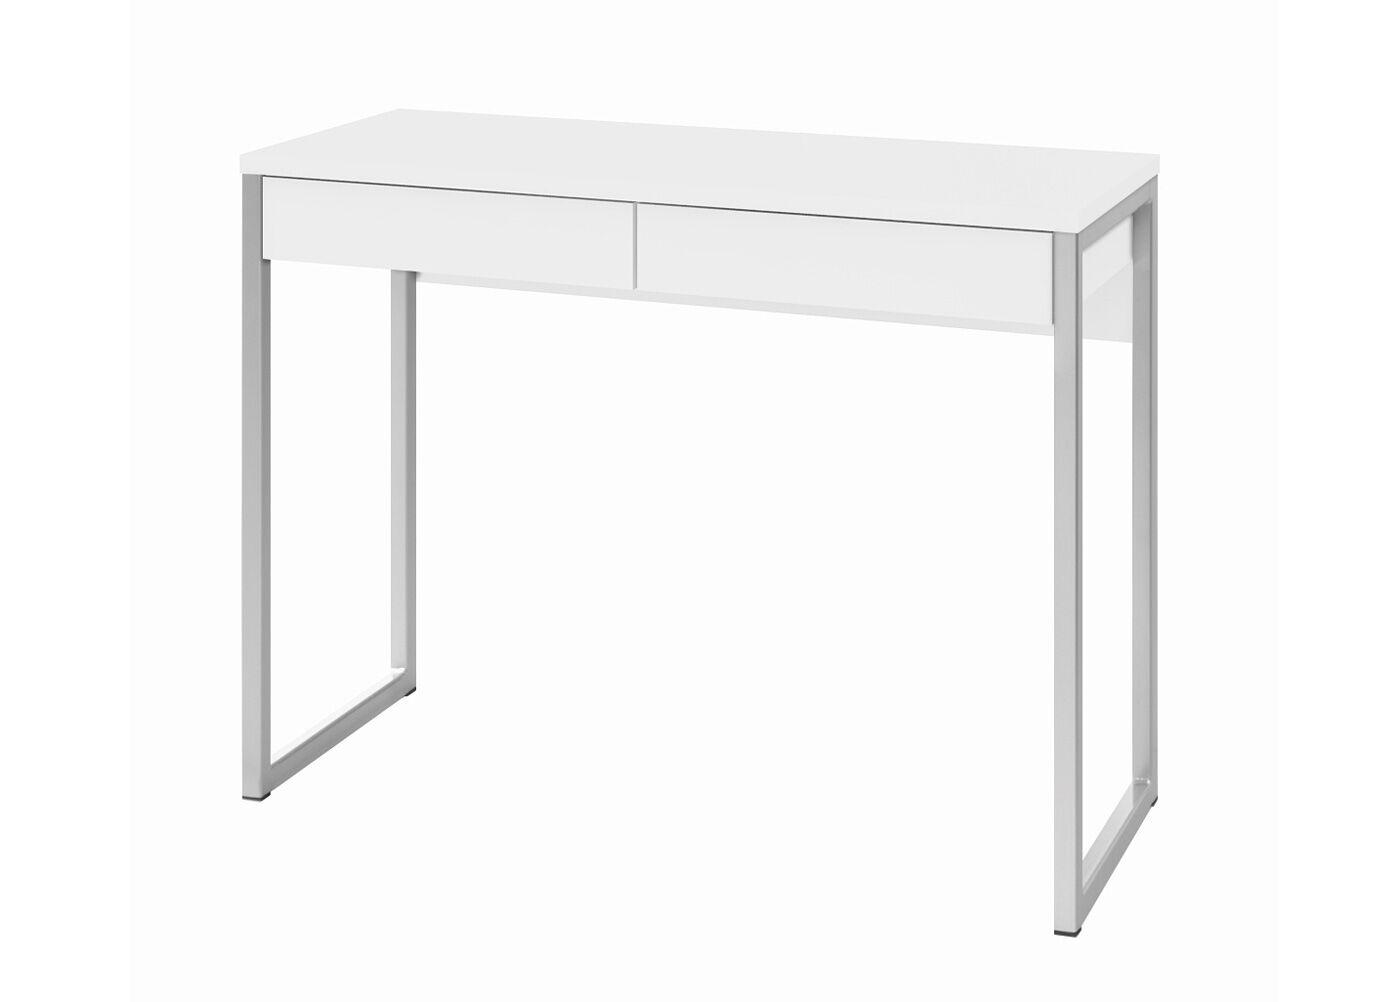 Tvilum Työpöytä Function Plus